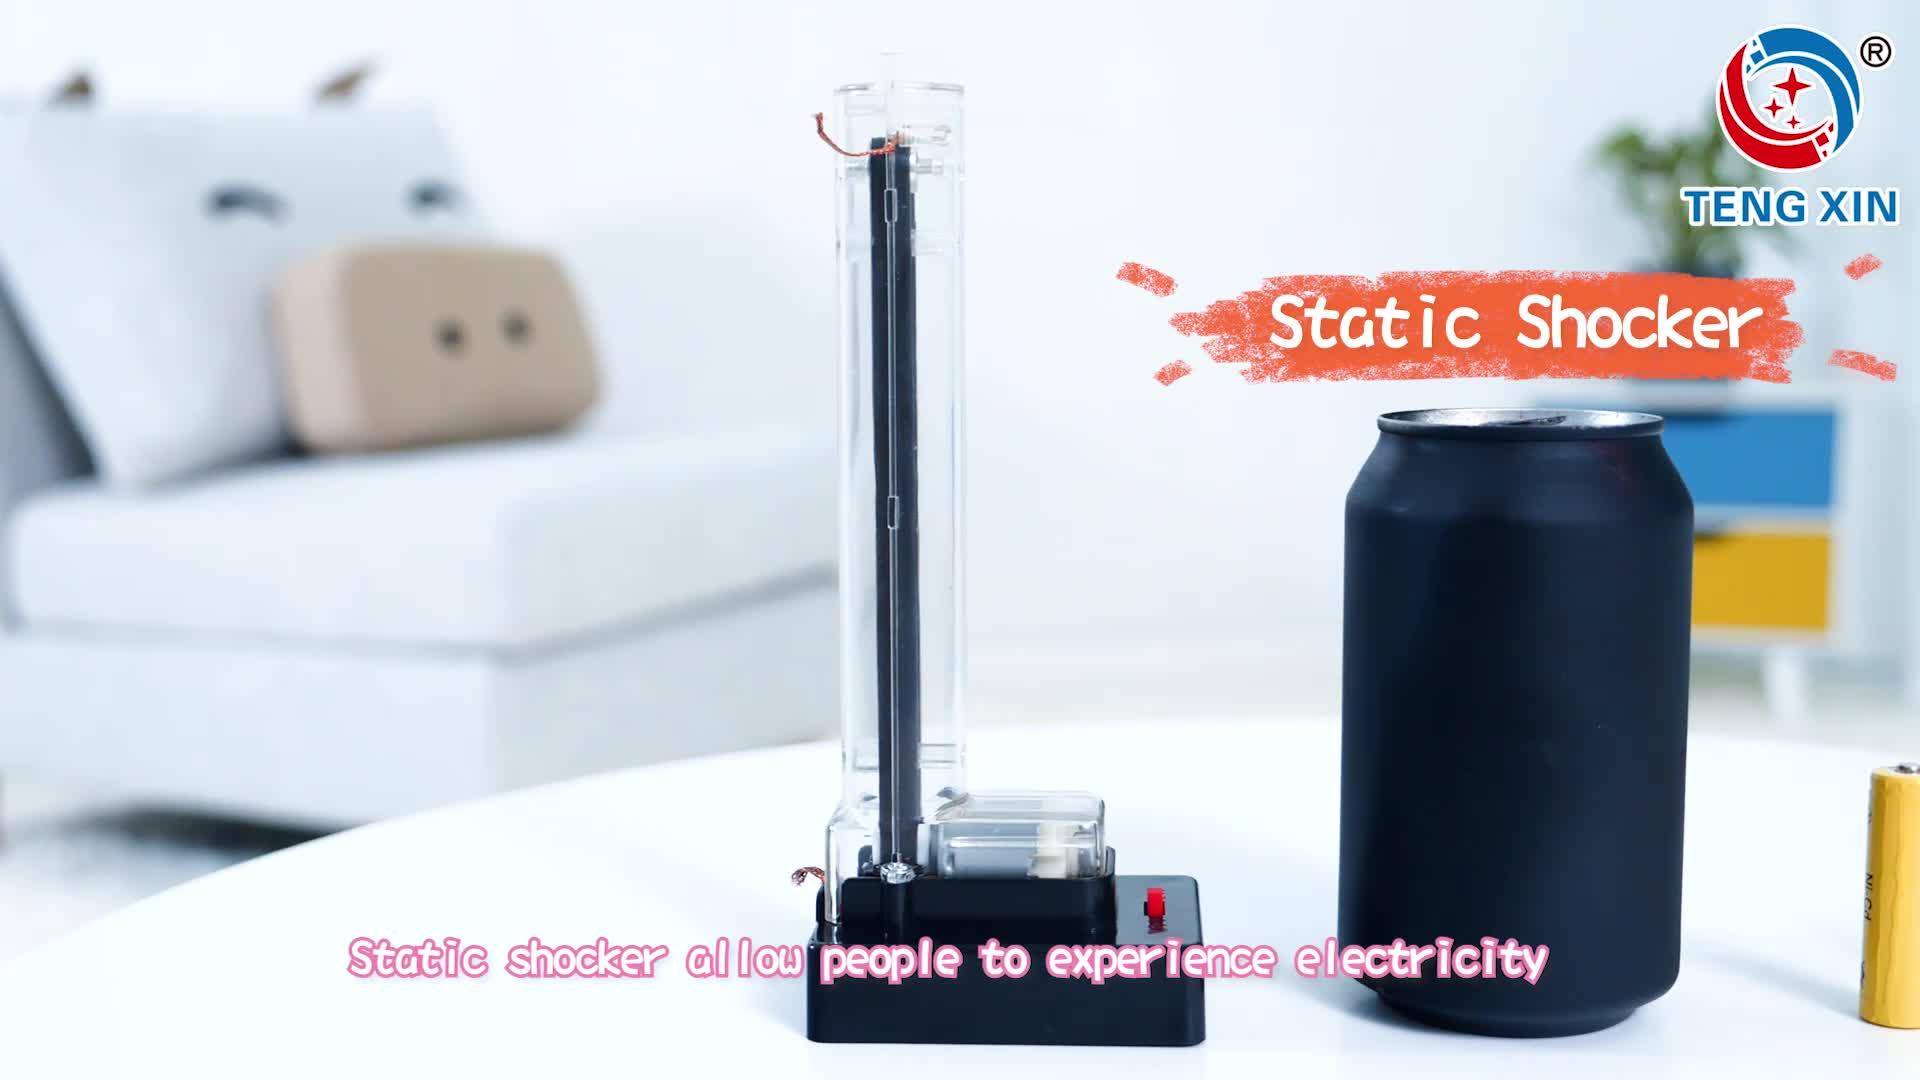 Tengxin 과학 장난감 밴 드 Graaff 발전기 물리적 실험